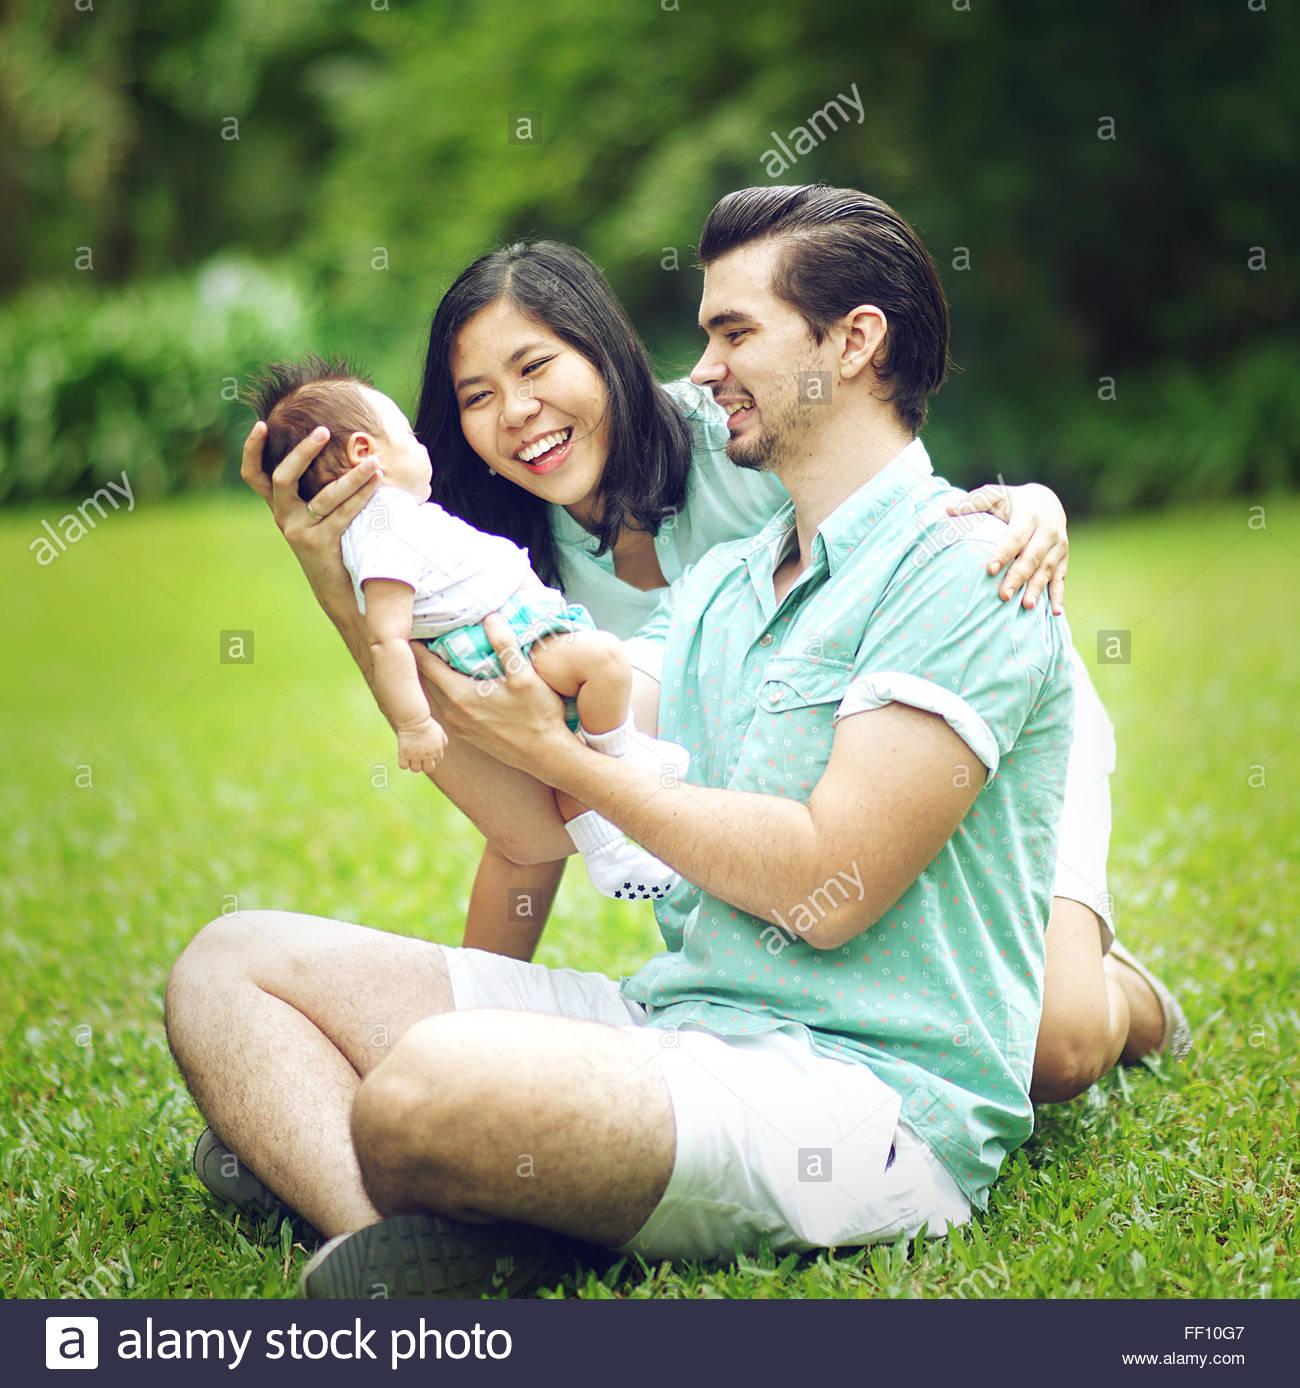 Dating australian born chinese year